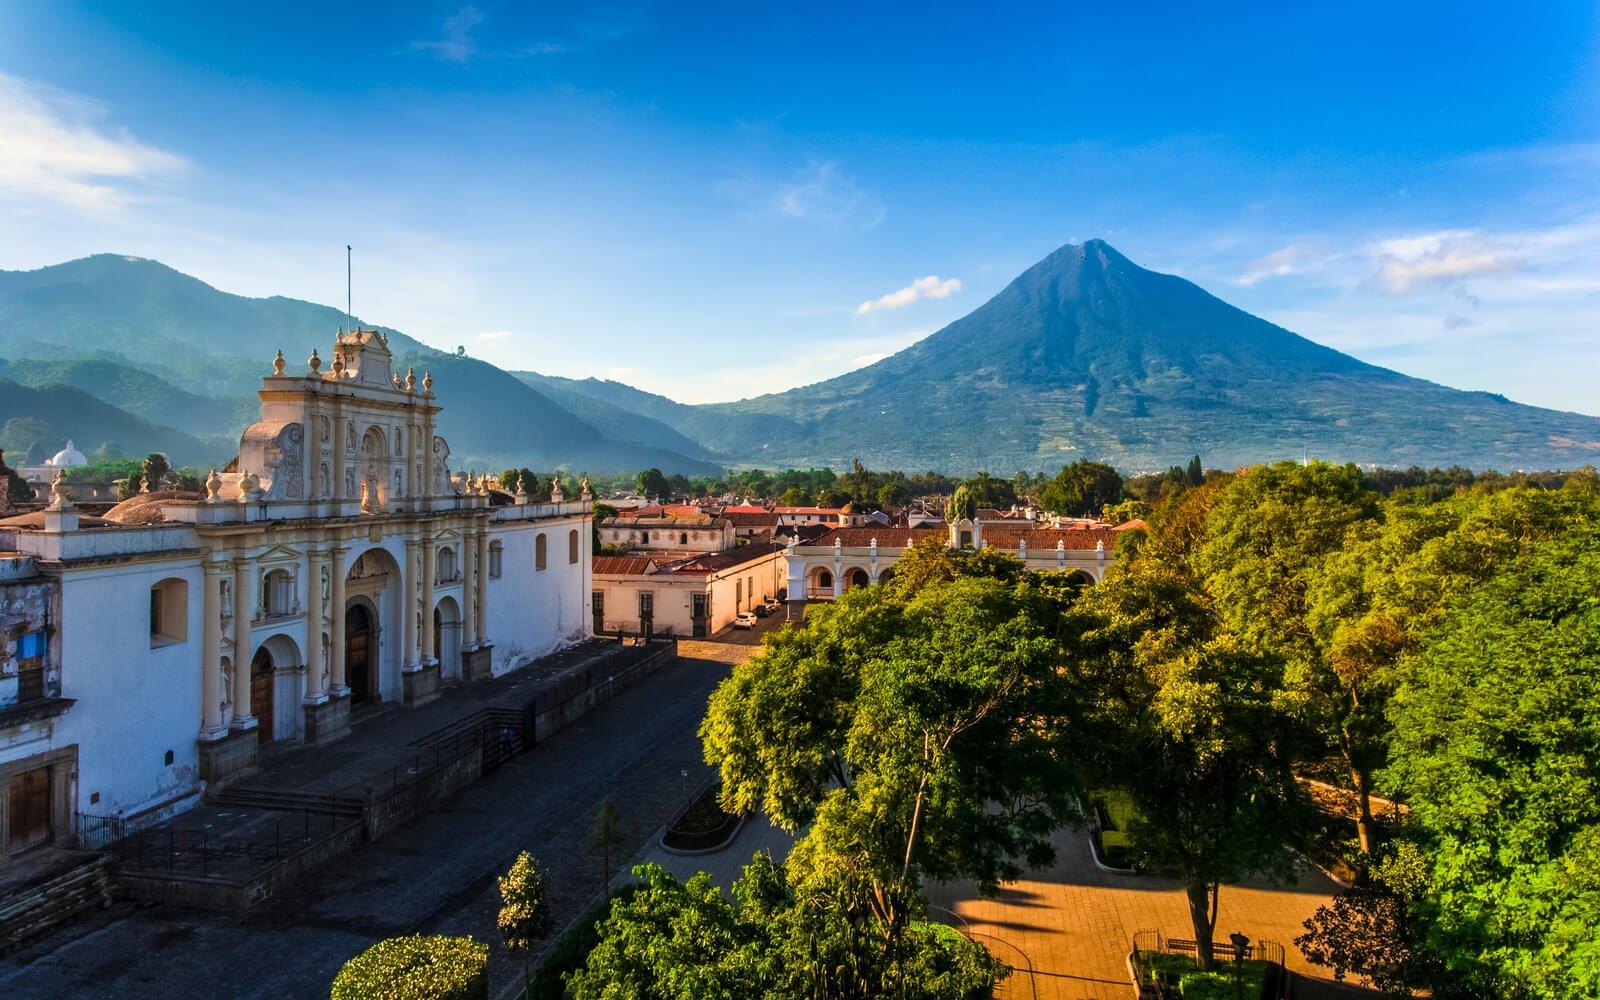 PARQUE CENTRAL ANTIGUA GUATEMALA